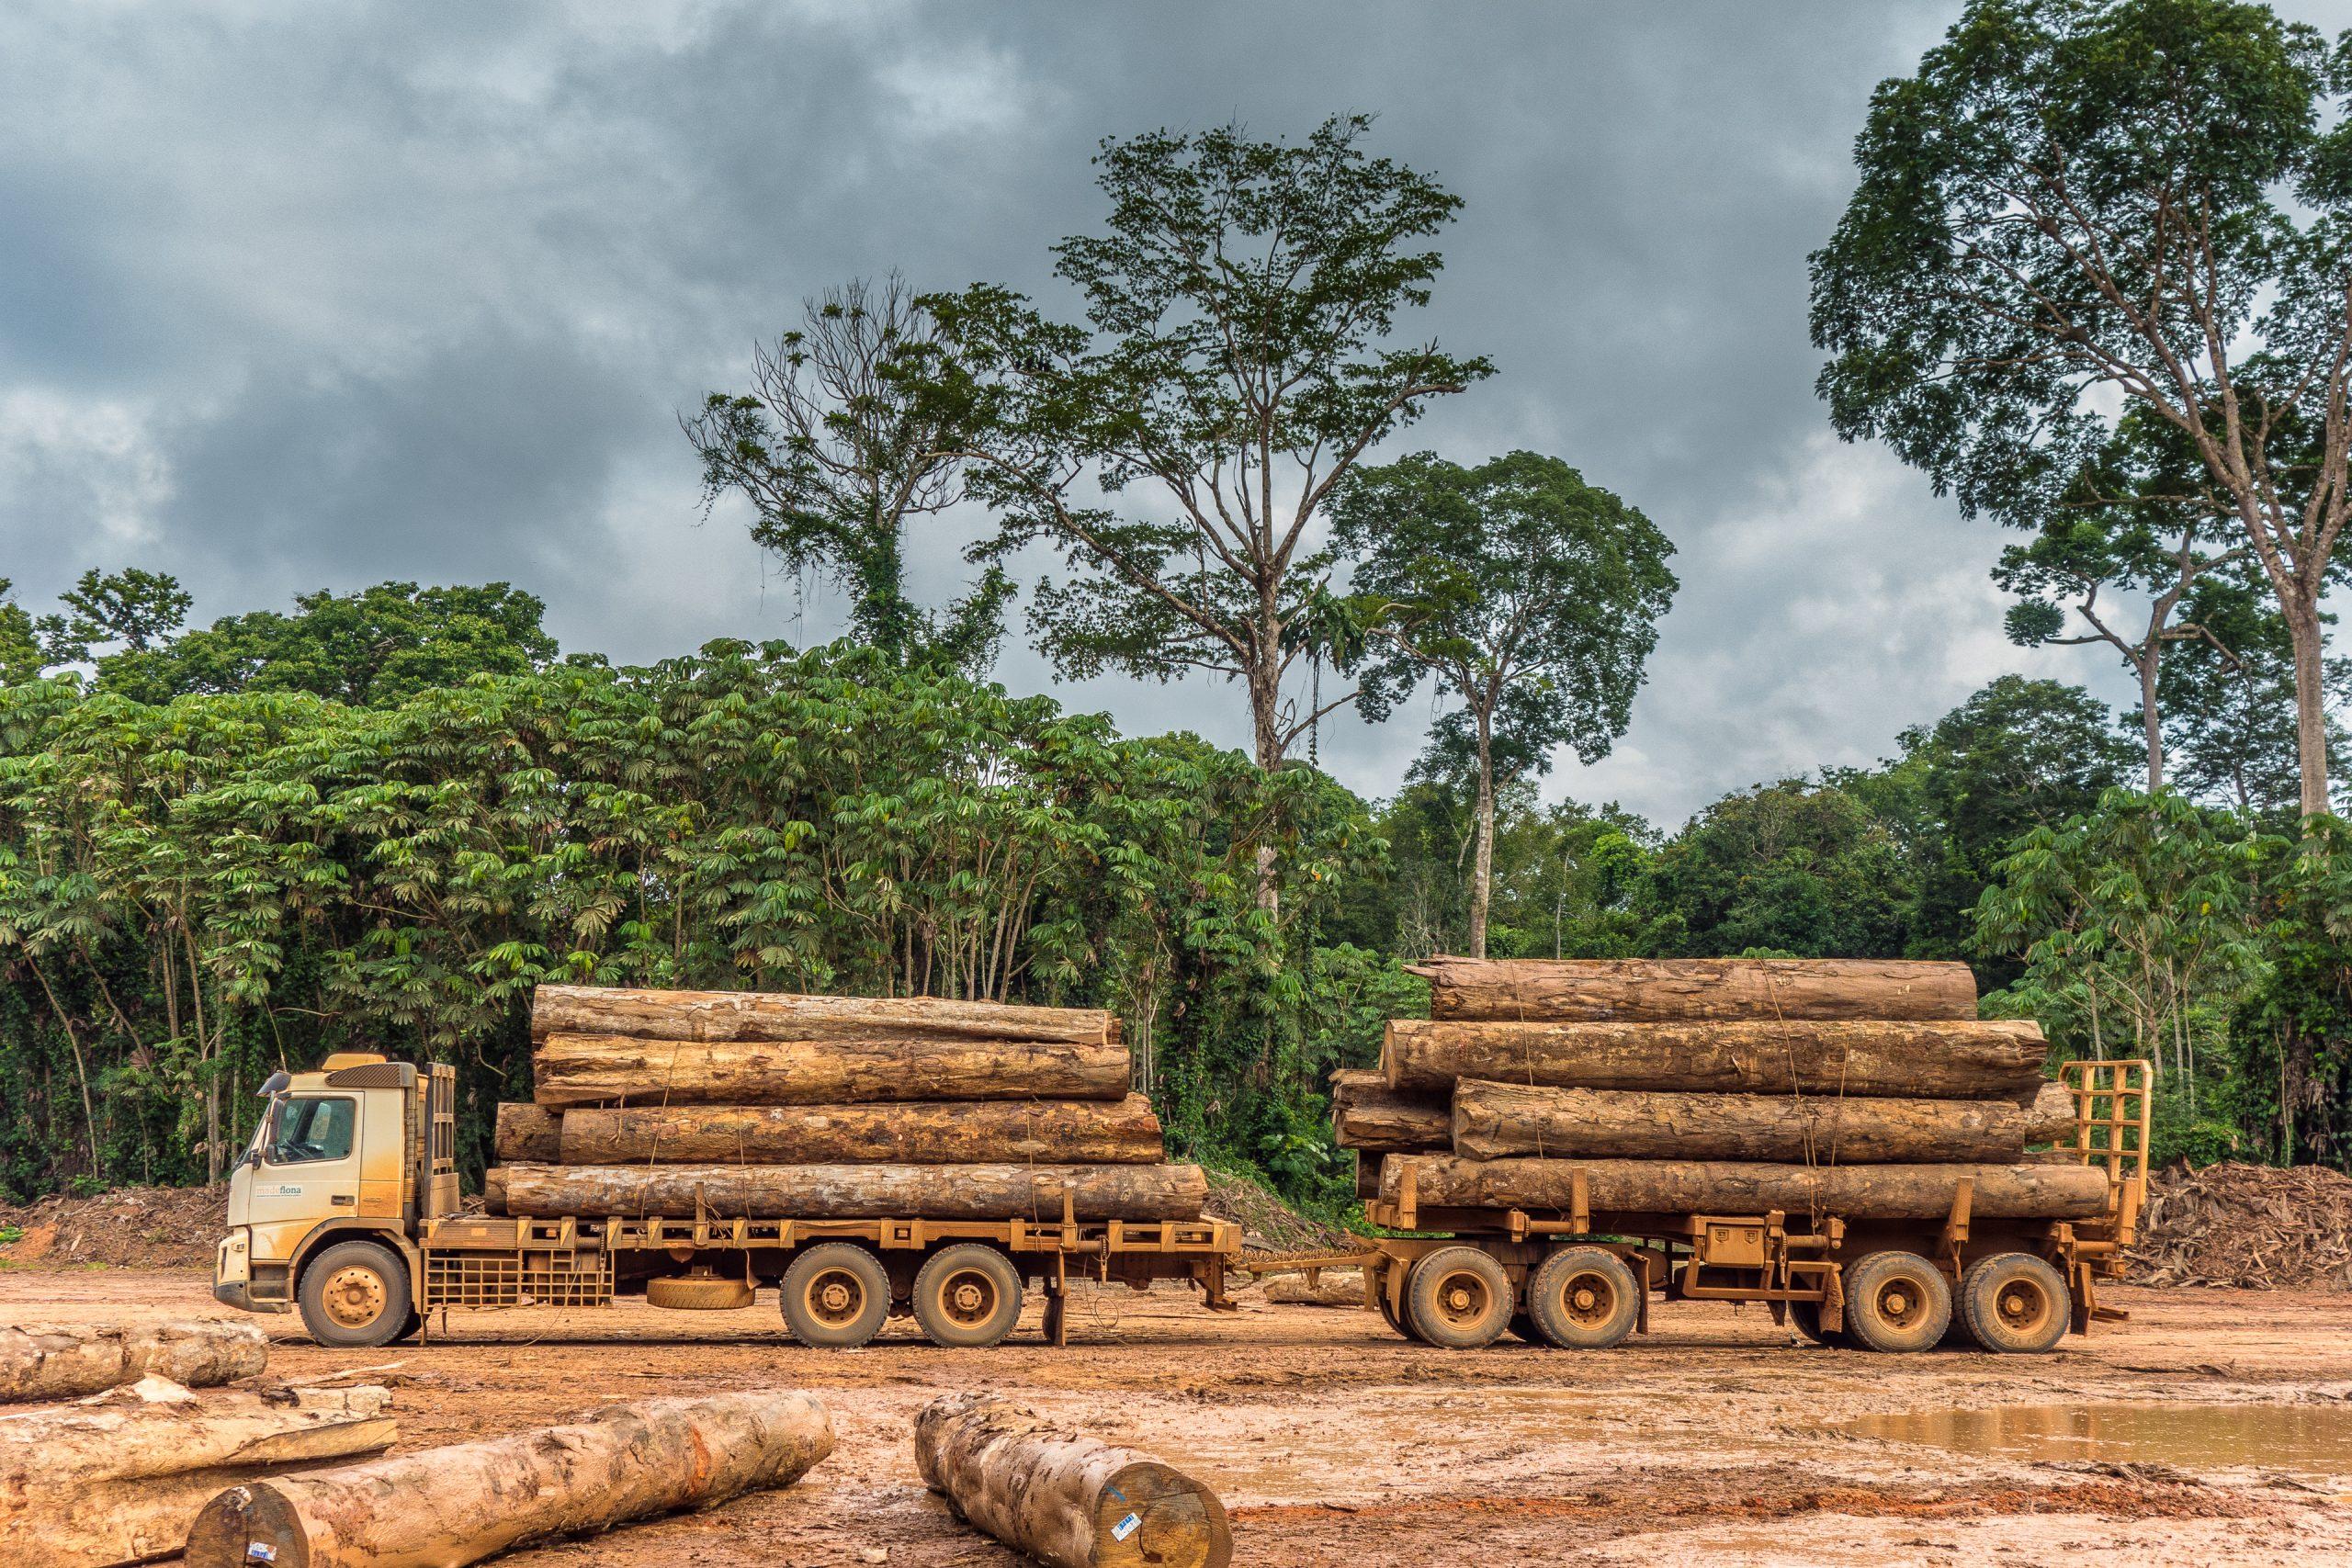 Exploracao de madeira em Rondonia Credito  Vicente Sampaio Imaflora scaled - Exploração madeireira na Amazônia chegou a 464 mil hectares em 12 meses, aponta levantamento inédito